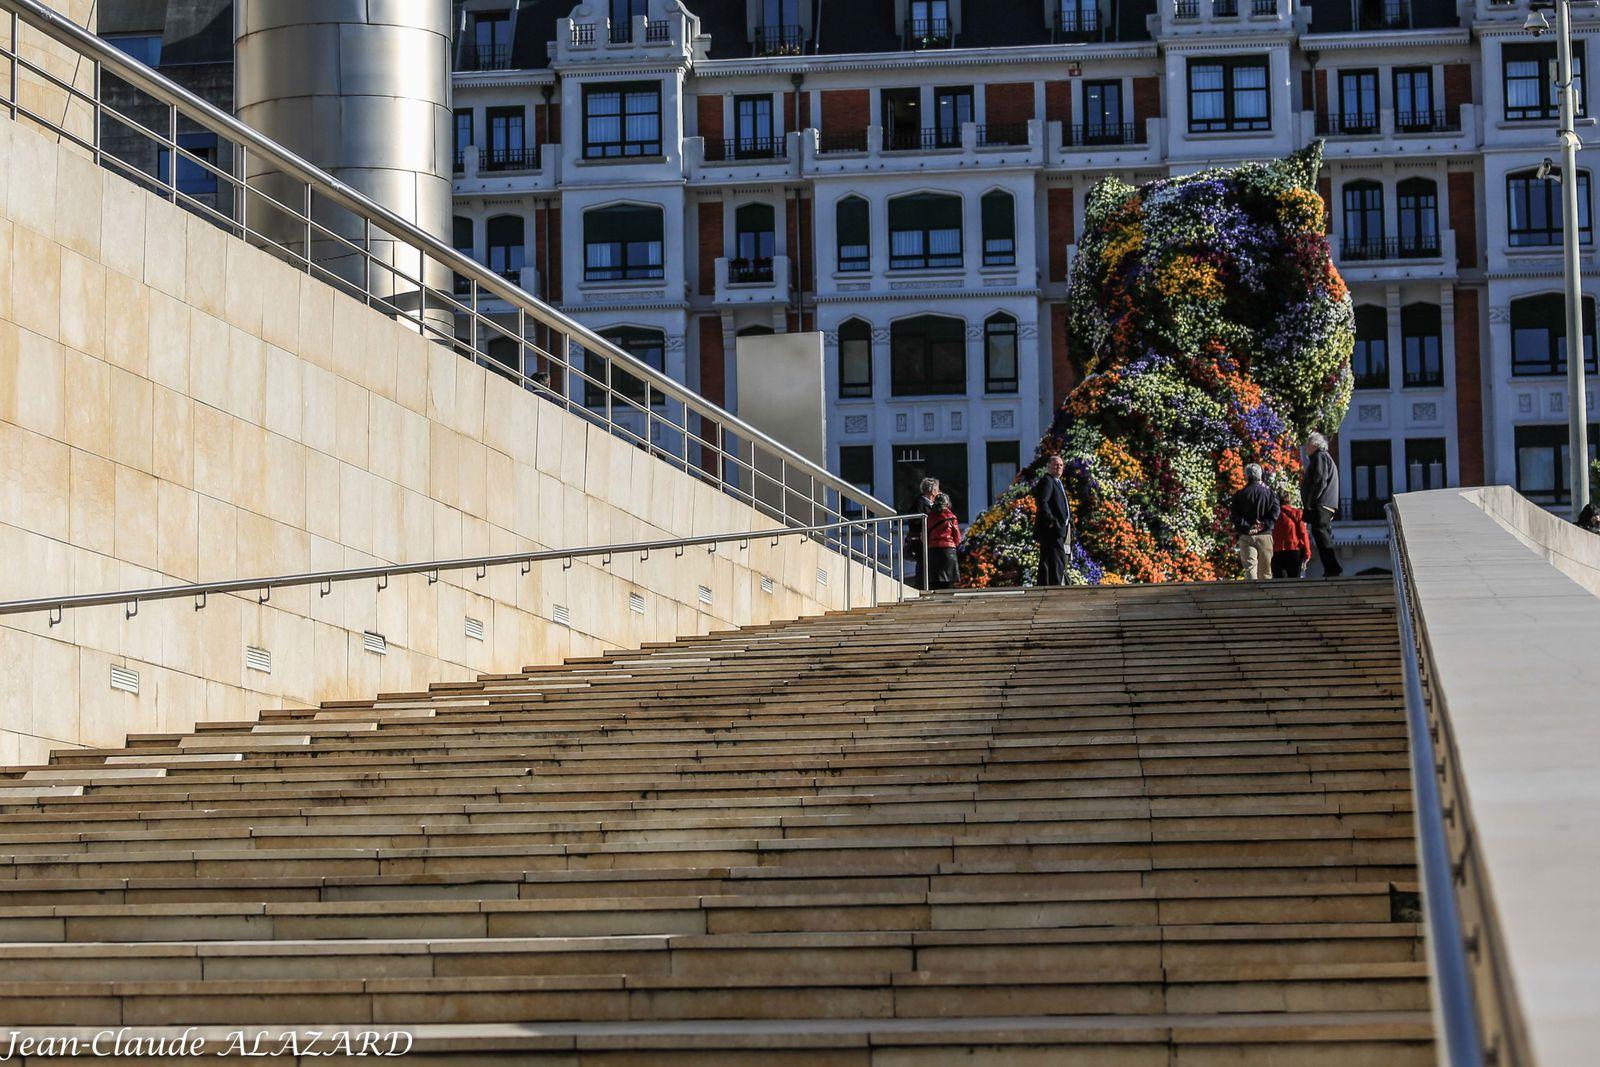 Bilbao : Photos du Musée Guggenheim